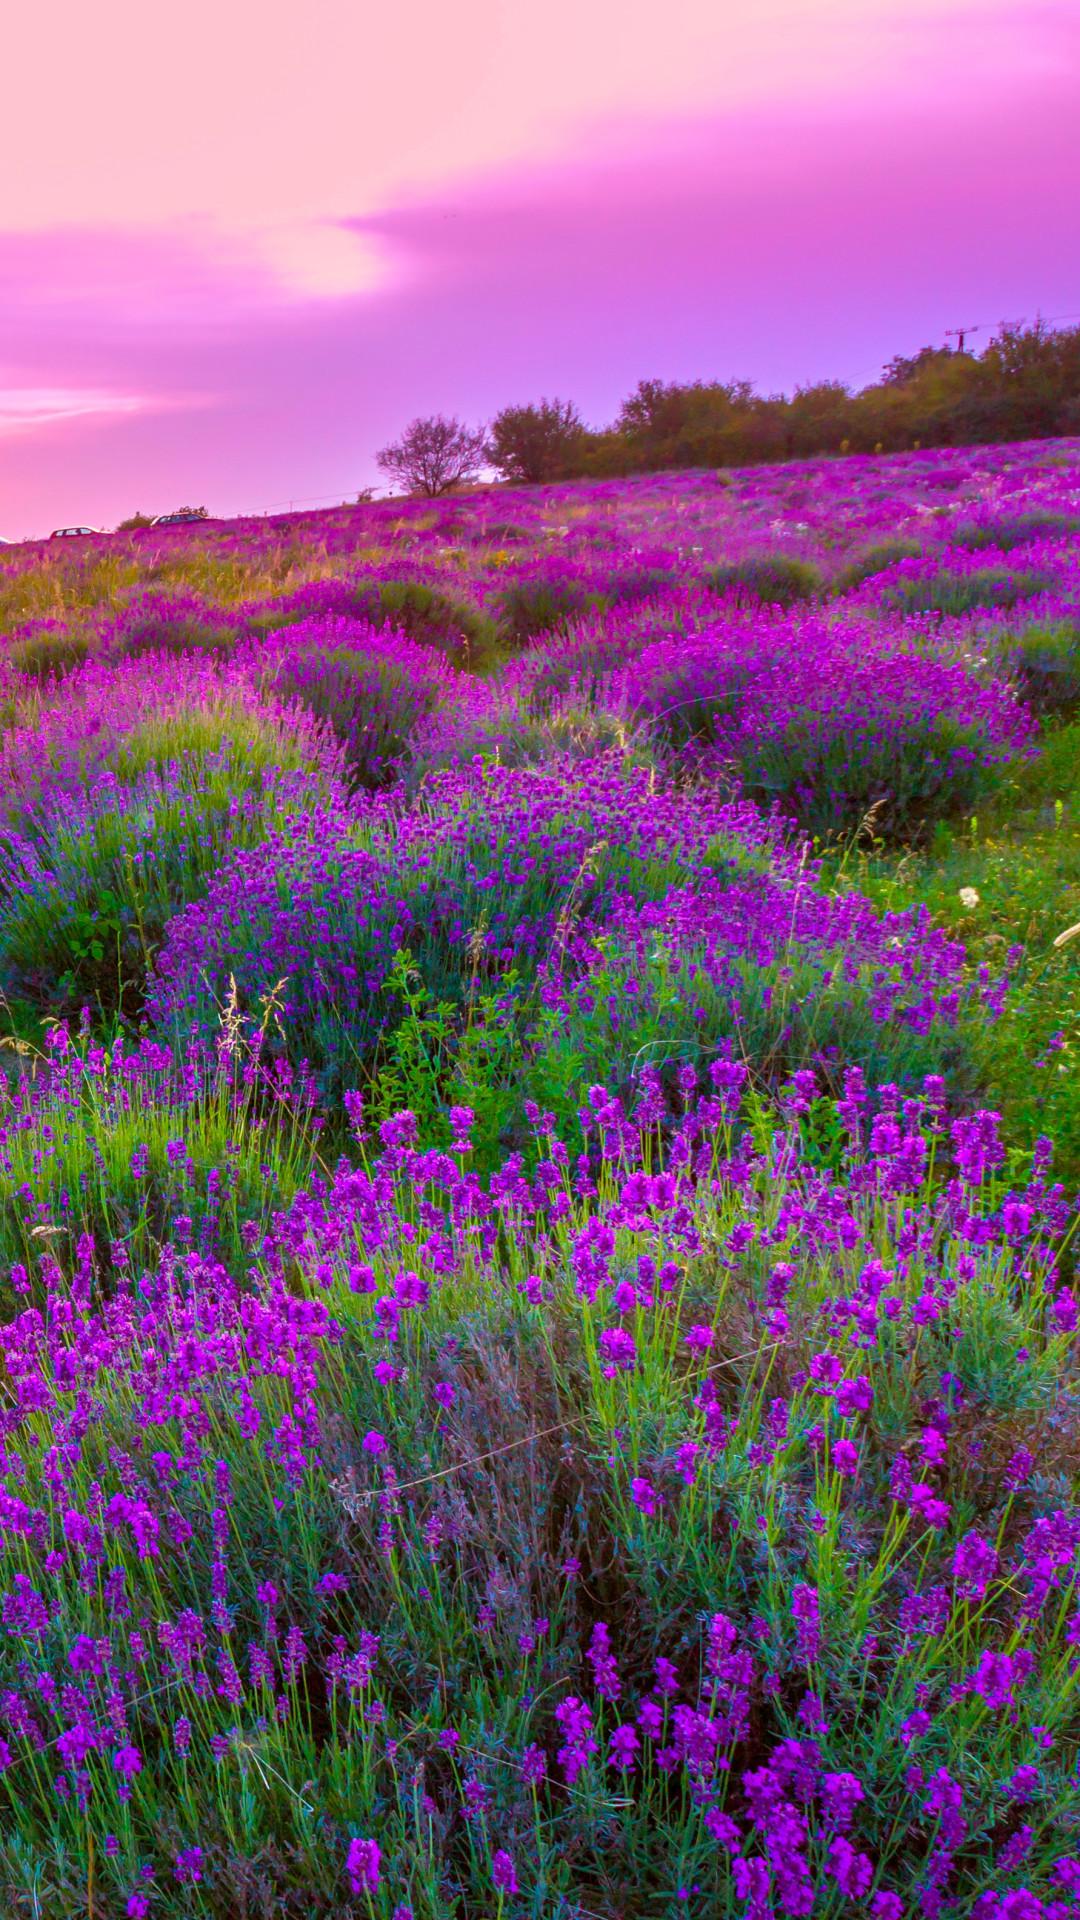 Lavender Wallpaper (64+ images)